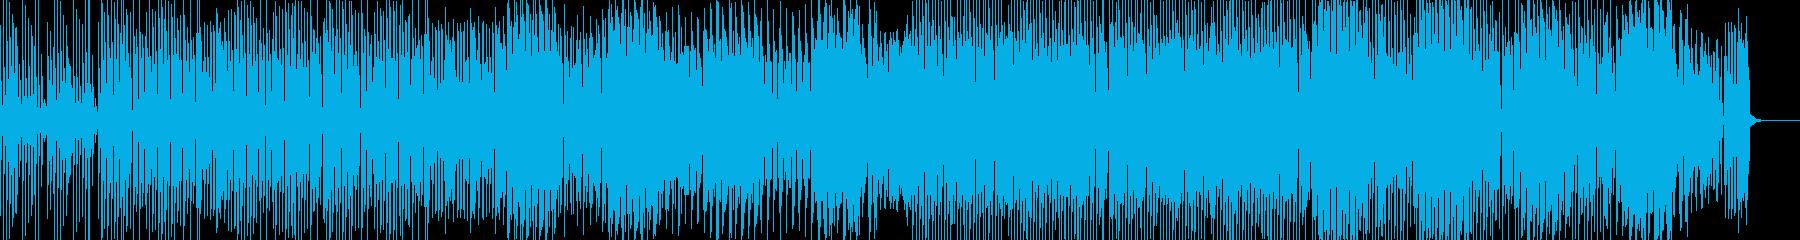 踊れる一昔前のテクノポップの再生済みの波形